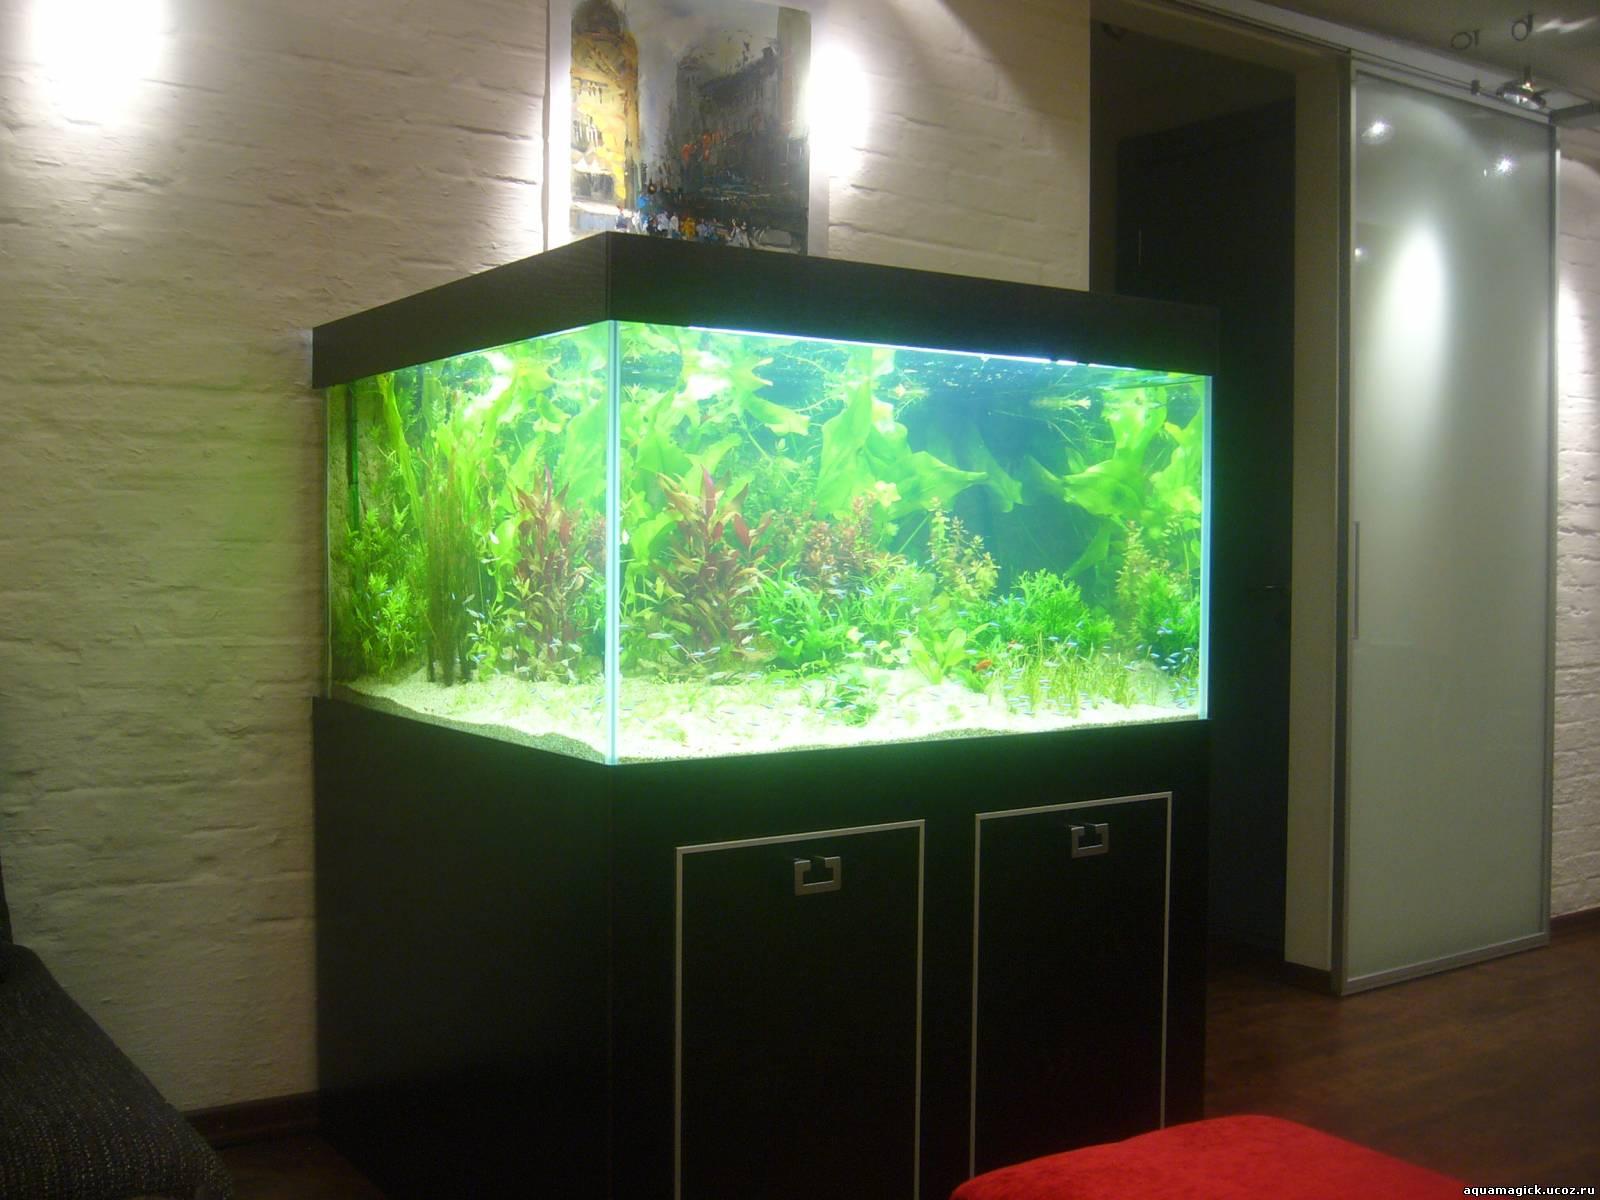 Аквариум травник 500 литров в офисе - Наши работы - Фотоальбомы - Магия Аквариума